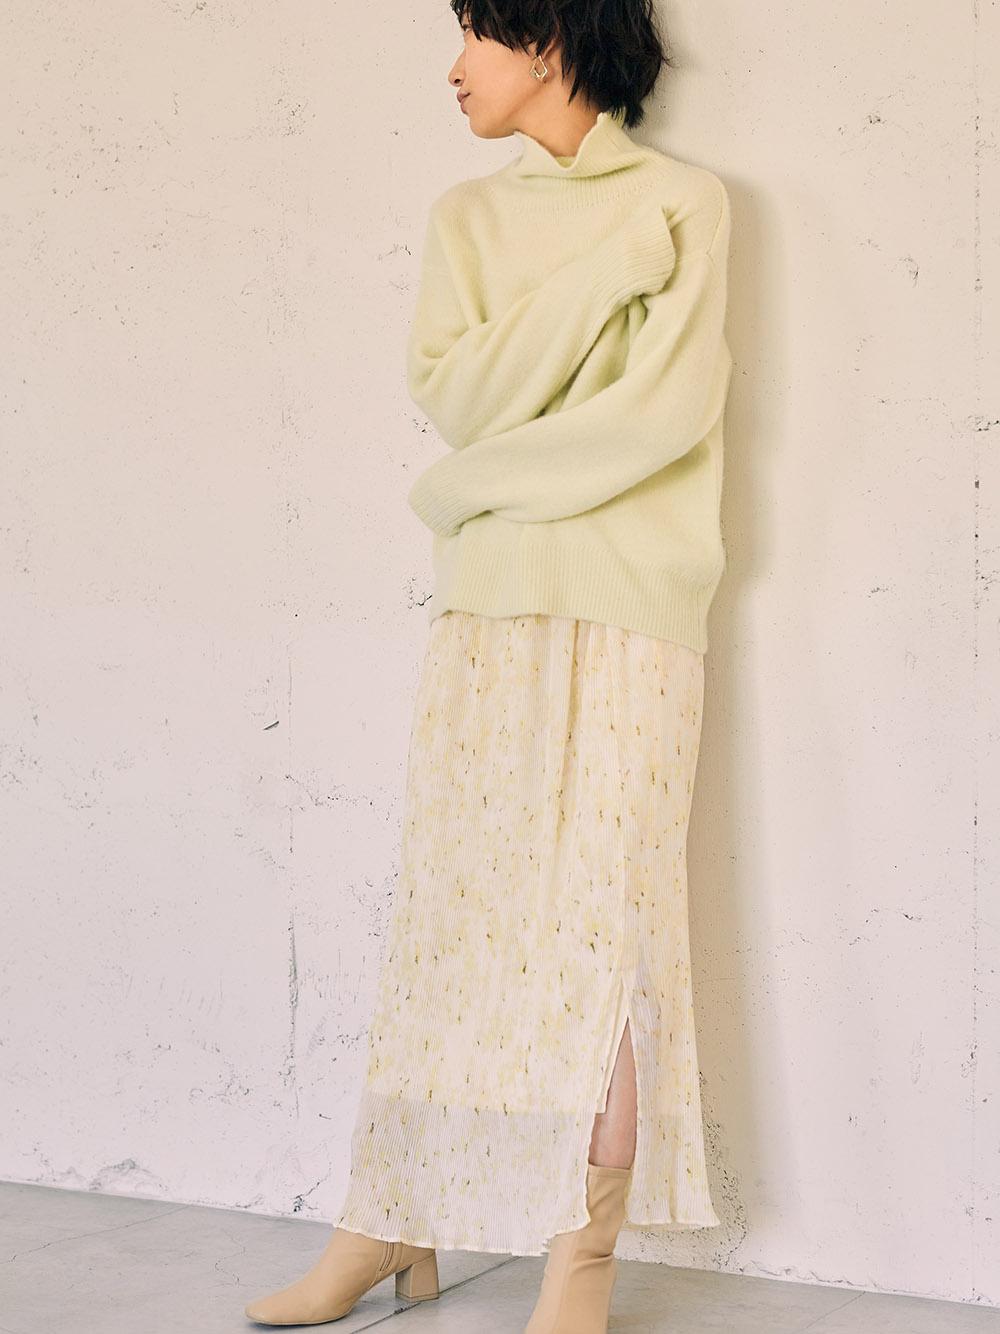 シフォンプリーツプリントタイトスカート